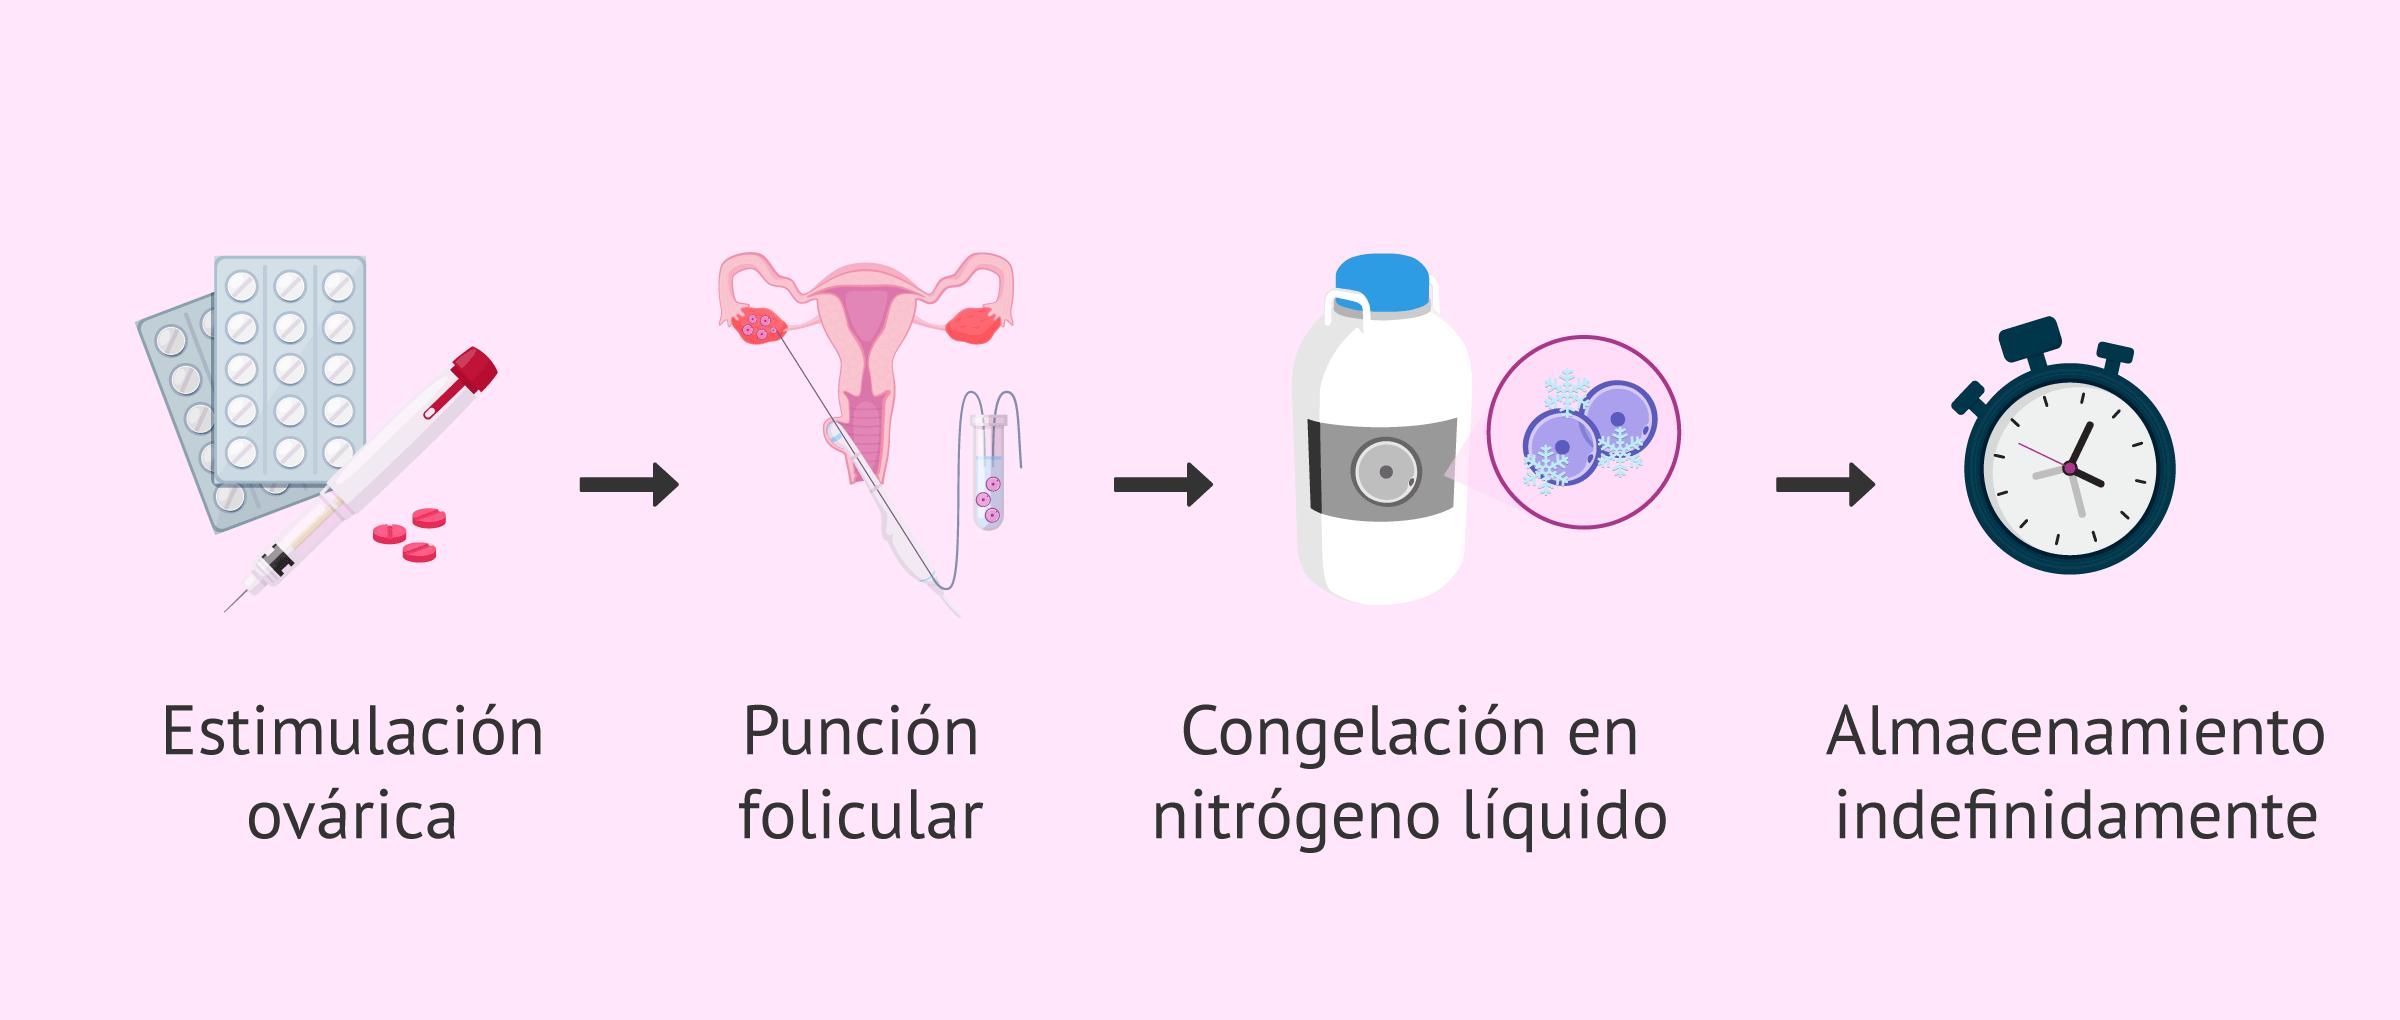 Proceso de la preservación de la fertilidad femenina